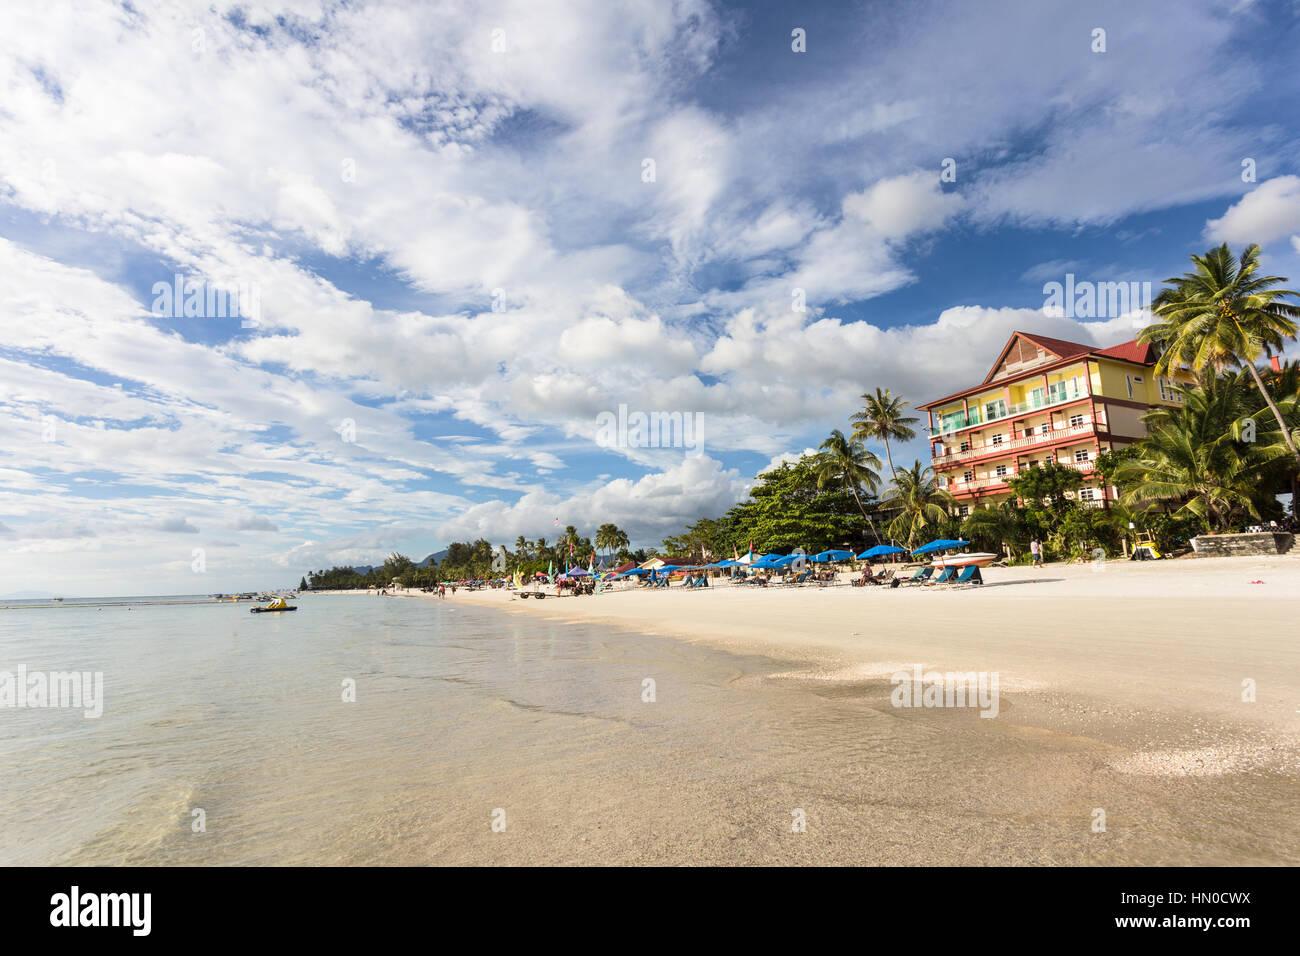 Pantai Cenang es la playa más popular en la isla de Langkawi, a lo largo del mar de Andamán en Malasia Imagen De Stock